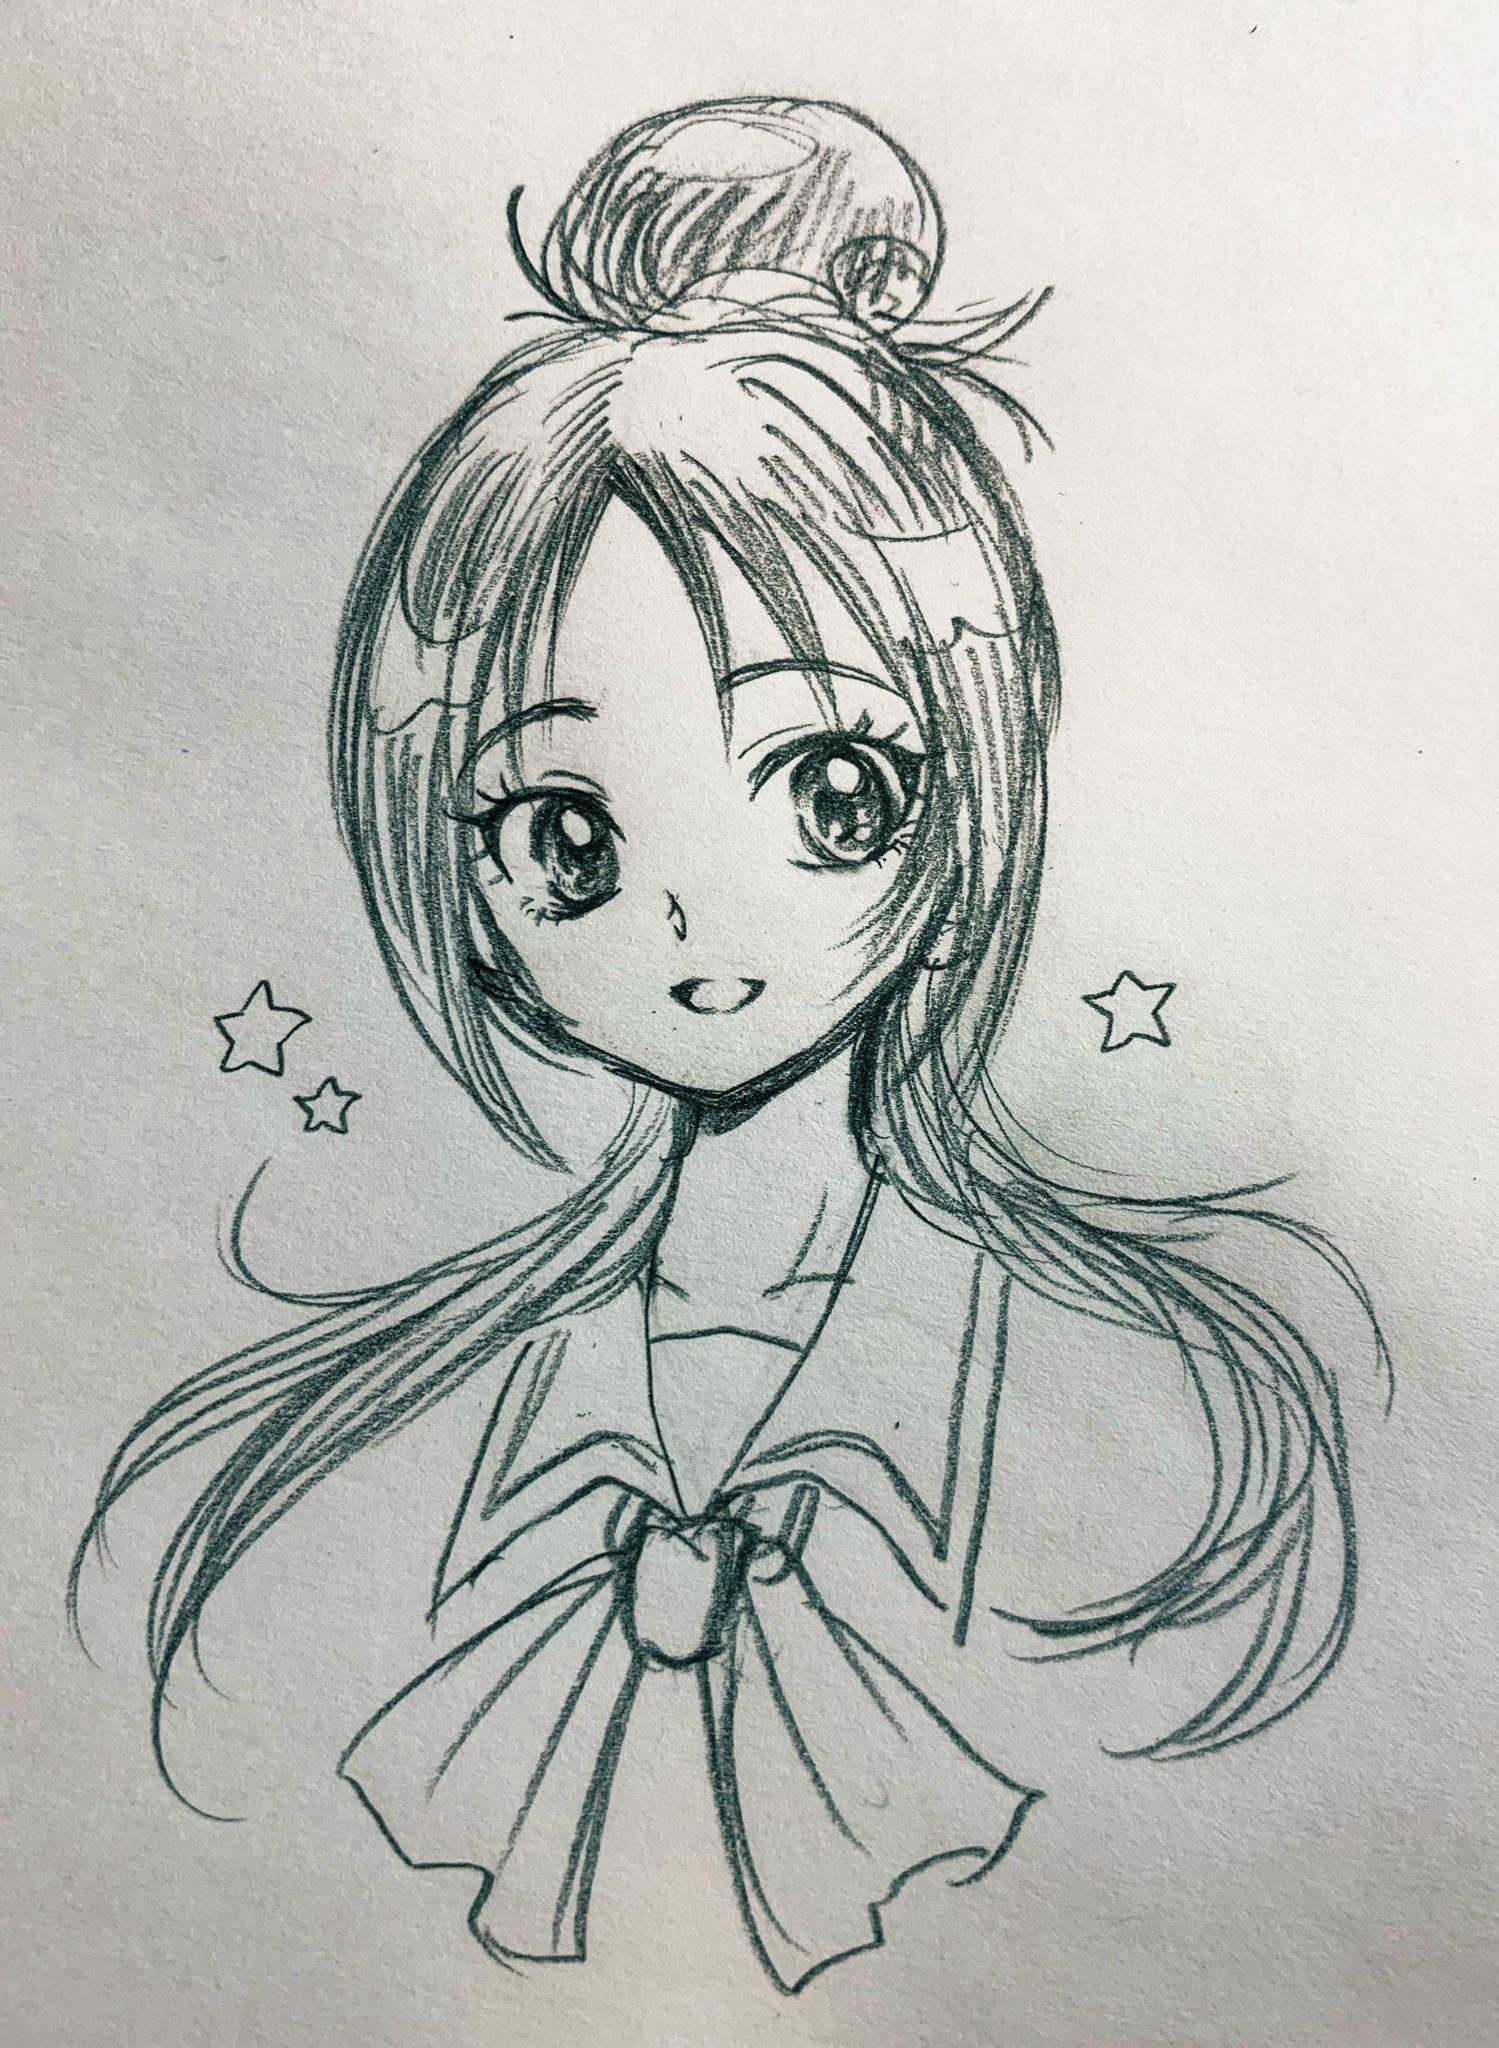 彩 (@ay_t_439)さんのイラスト